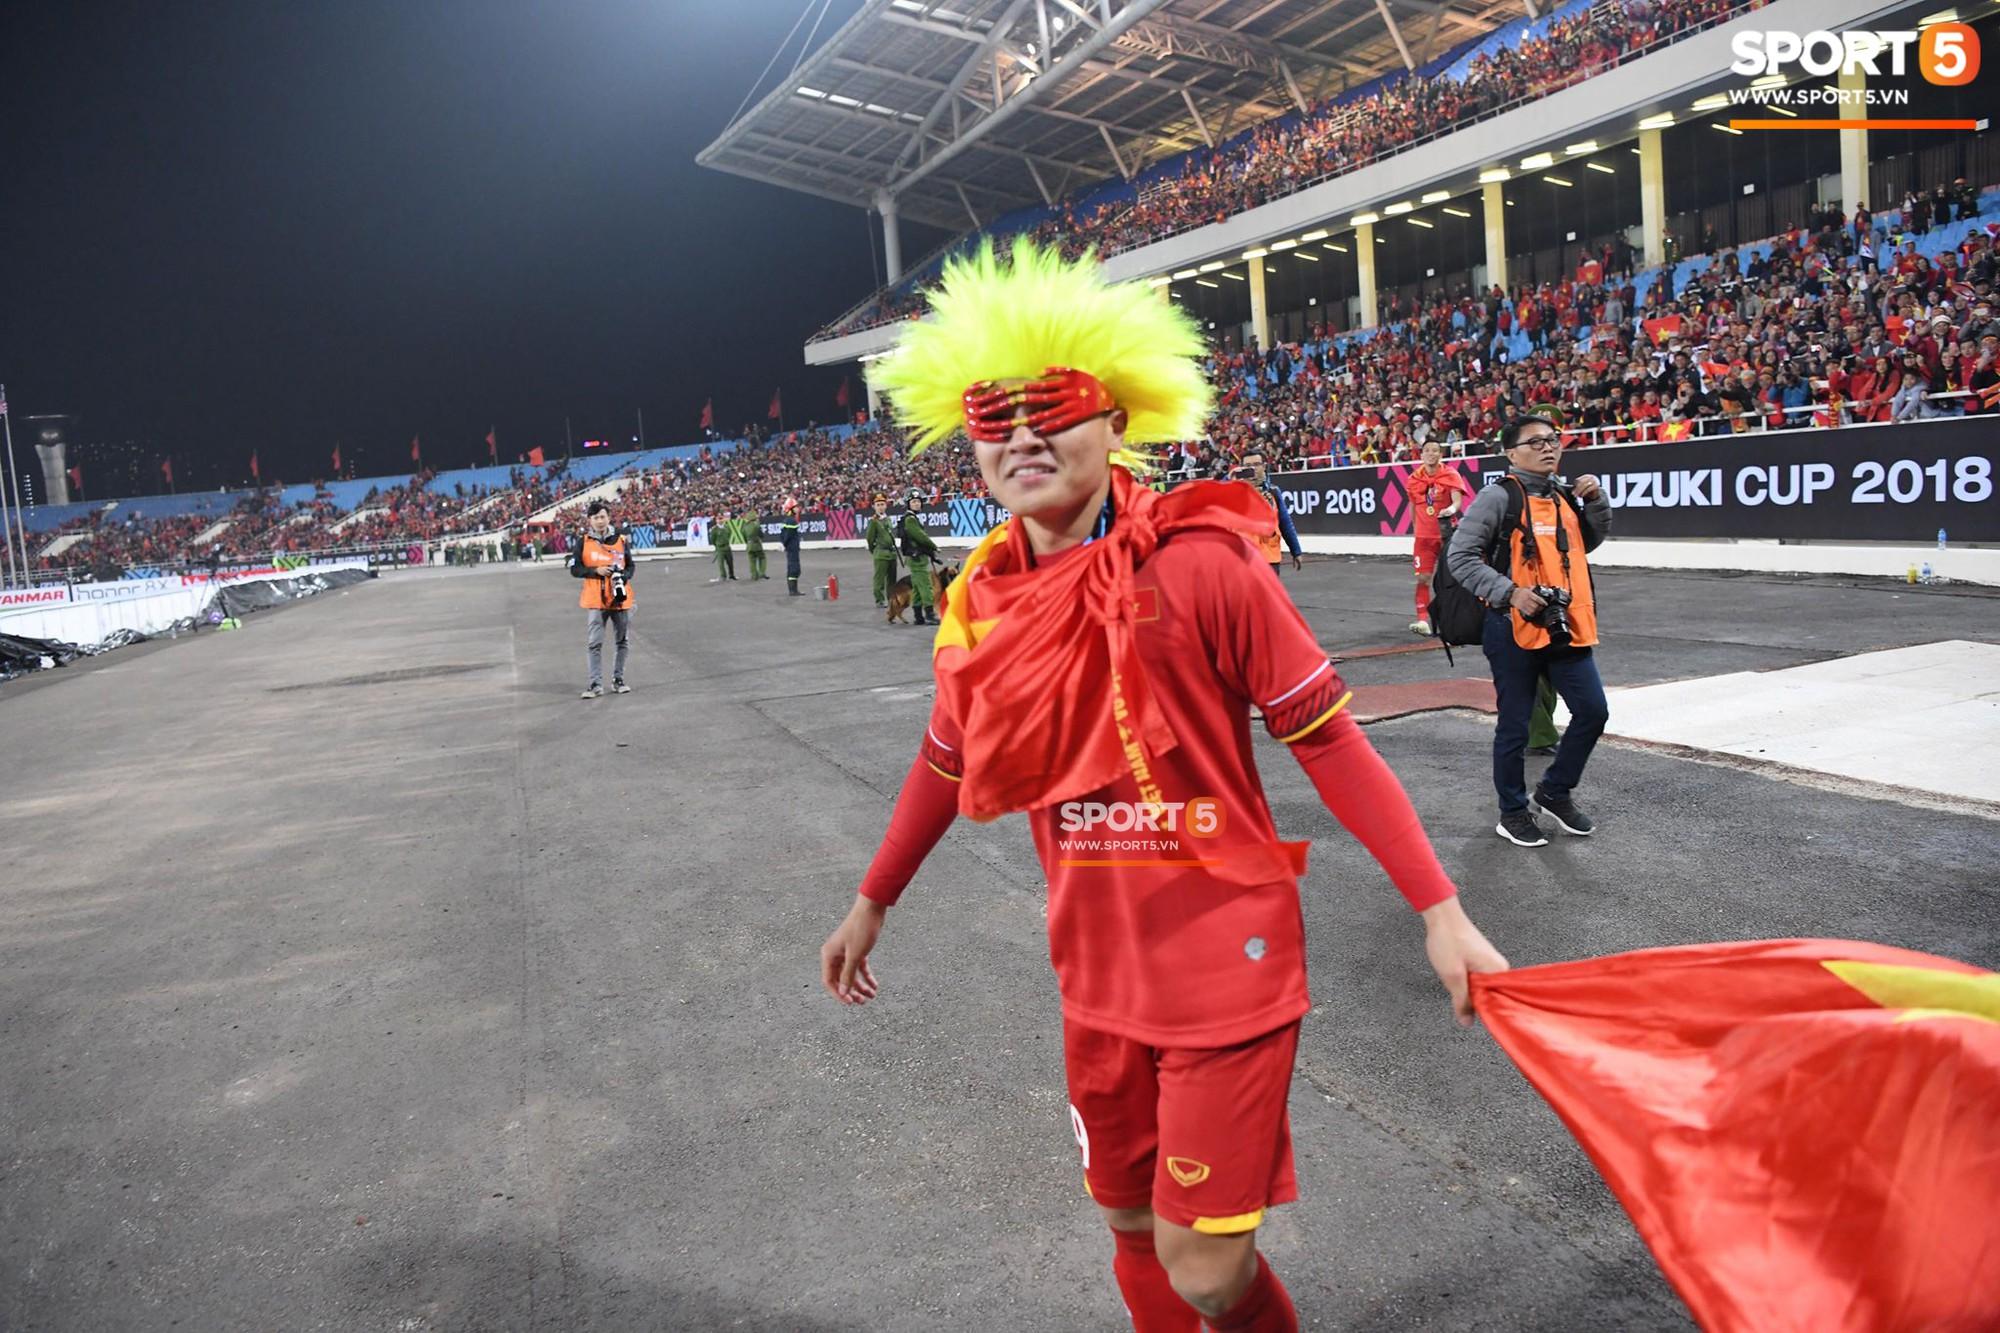 Quang Hải đội tóc giả màu nõn chuối, đi tung tăng khắp sân, xứng đáng là màn ăn mừng cute nhất sau trận chung kết - Ảnh 4.